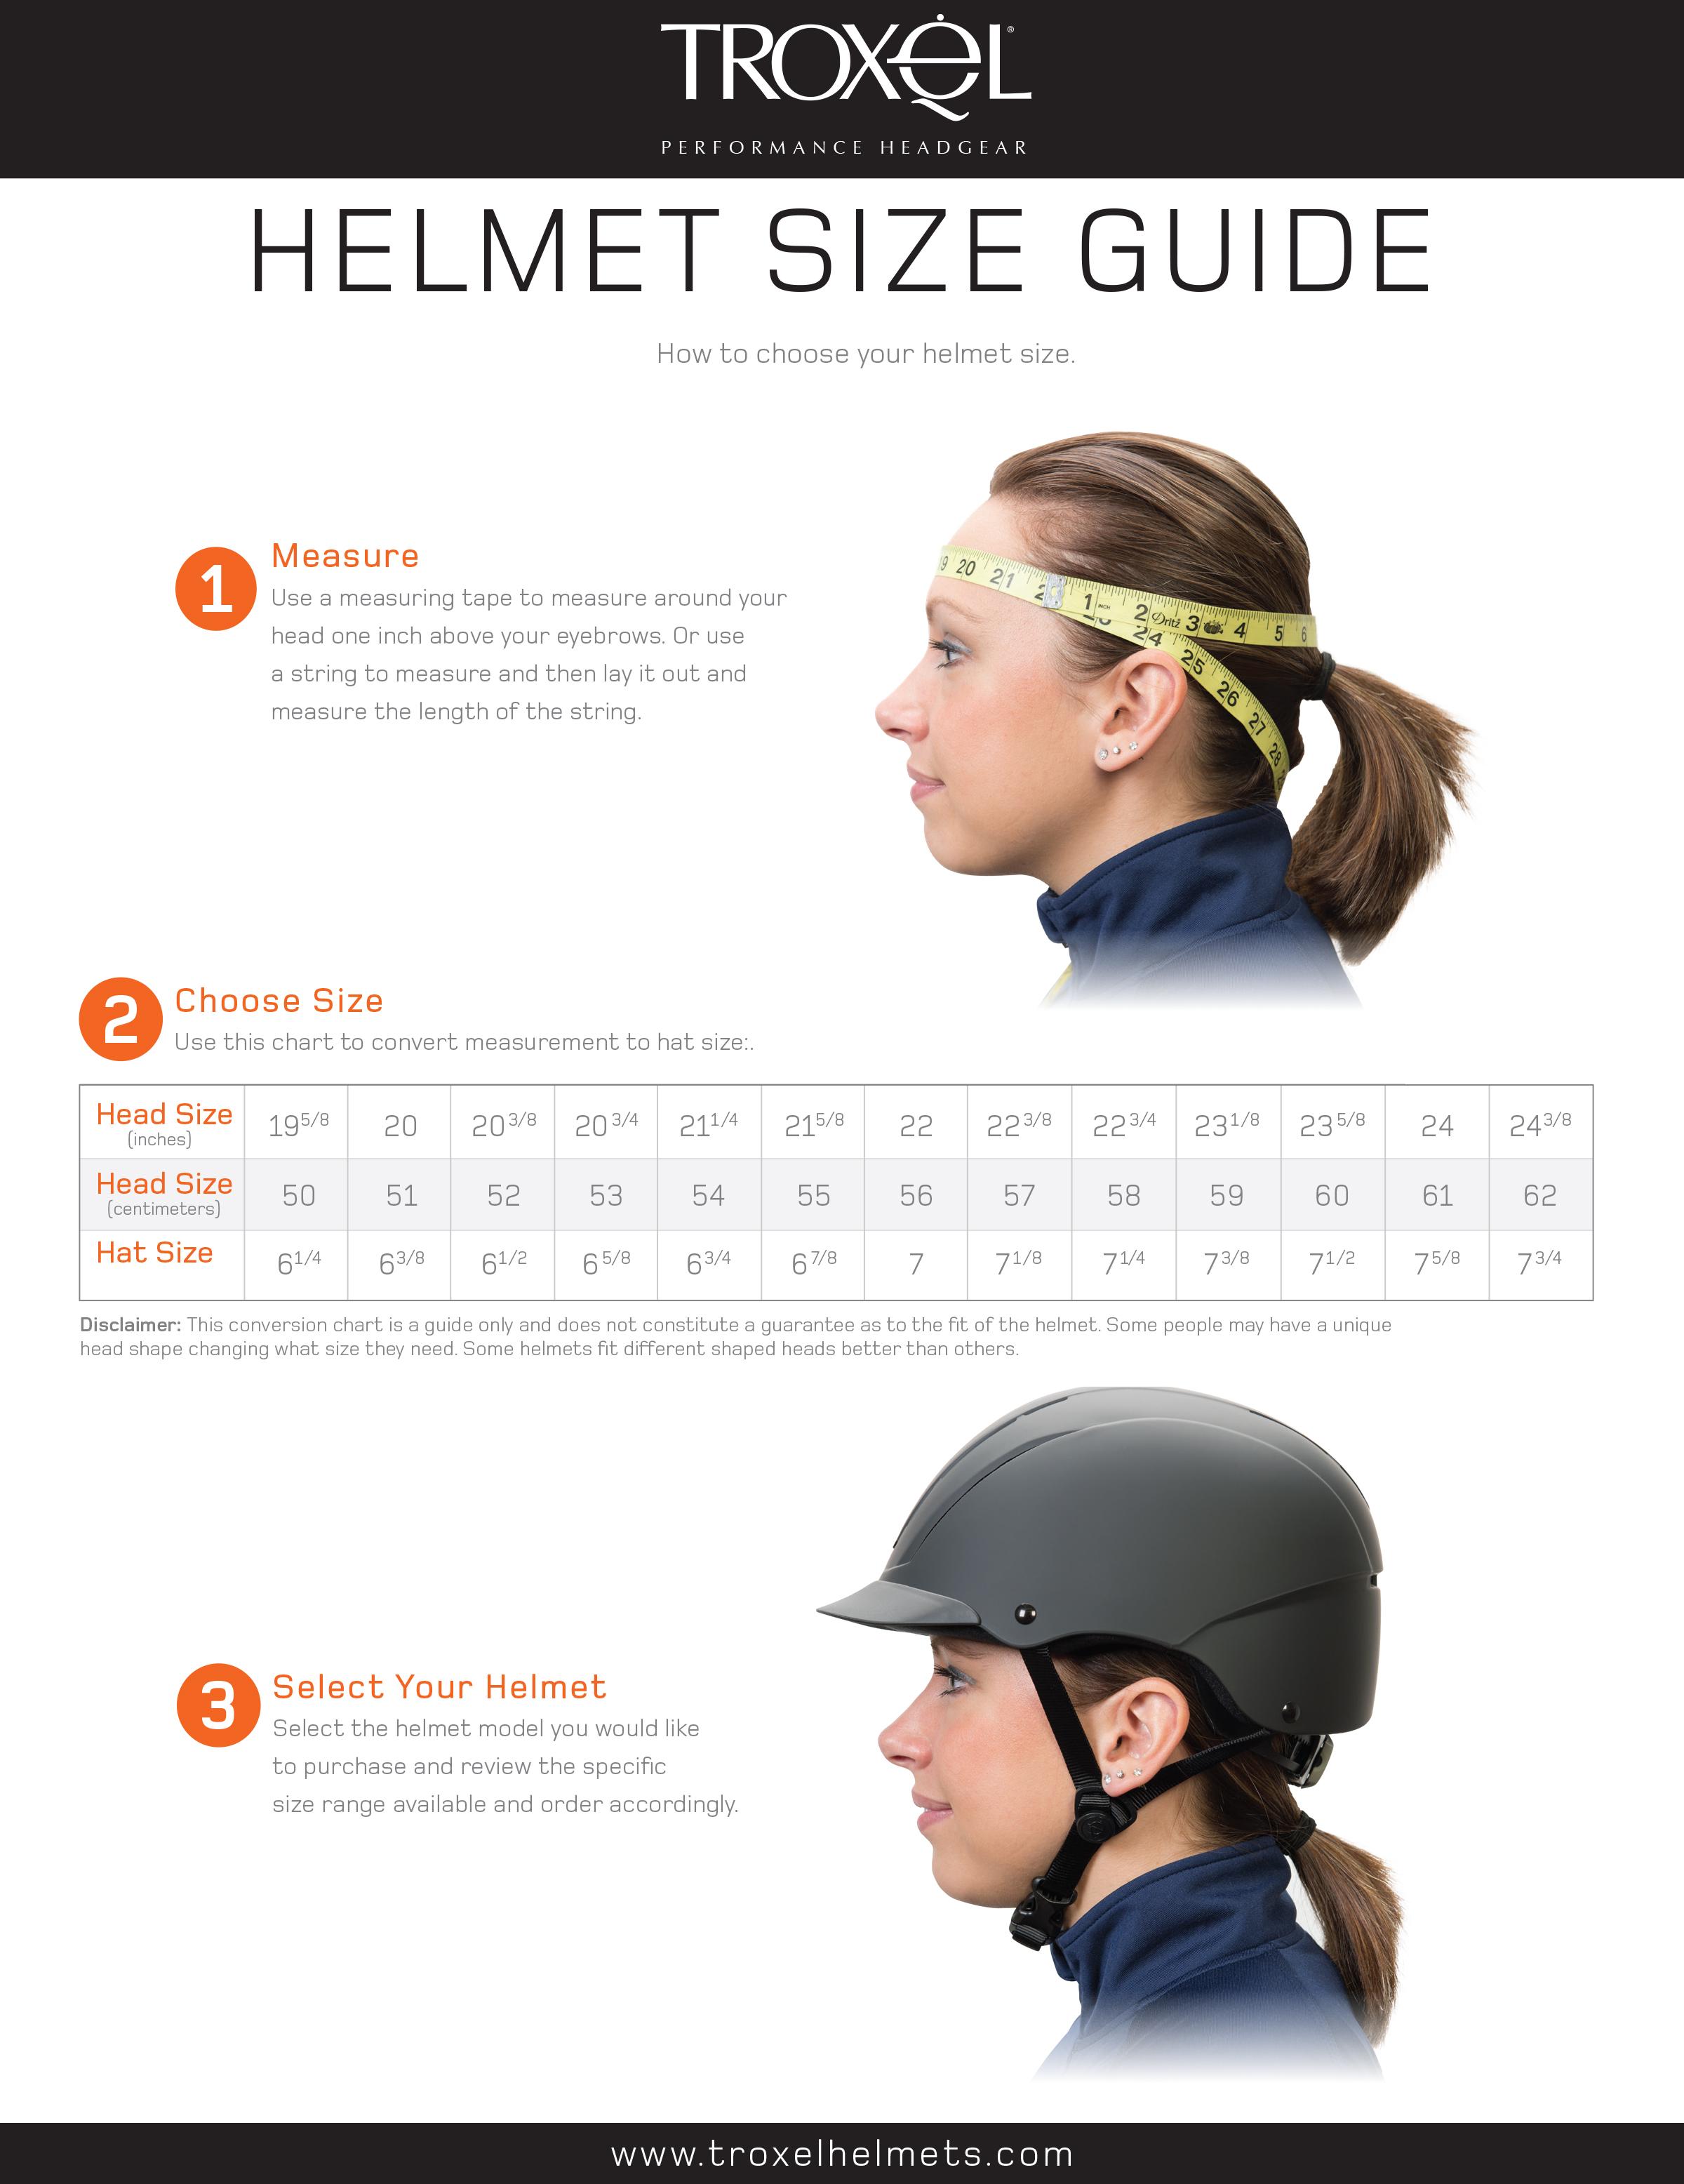 2018_Troxel_Helmet_Size_Guide.jpg